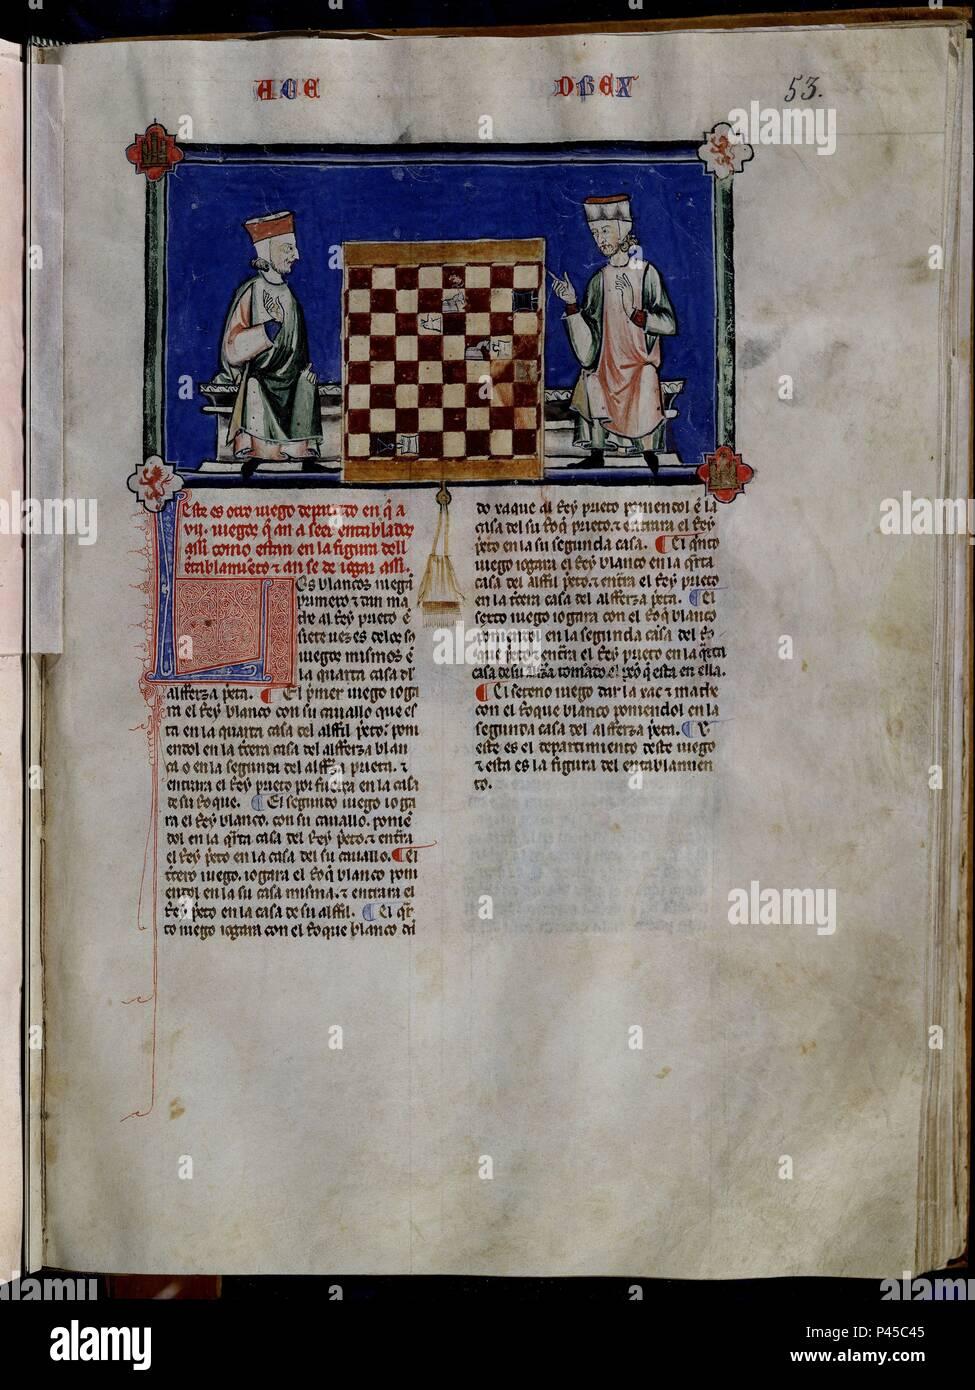 LIBRO DE JUEGOS O LIBRO DEL AJEDREZ DADOS Y TABLAS - 1283 - FOLIO 53R - DOS HOMBRES JUGANDO AL AJEDREZ - MANUSCRITO GOTICO. Author: Alfonso X of Castile the Wise (1221-1284). Location: MONASTERIO-BIBLIOTECA-COLECCION, SAN LORENZO DEL ESCORIAL, MADRID, SPAIN. - Stock Image